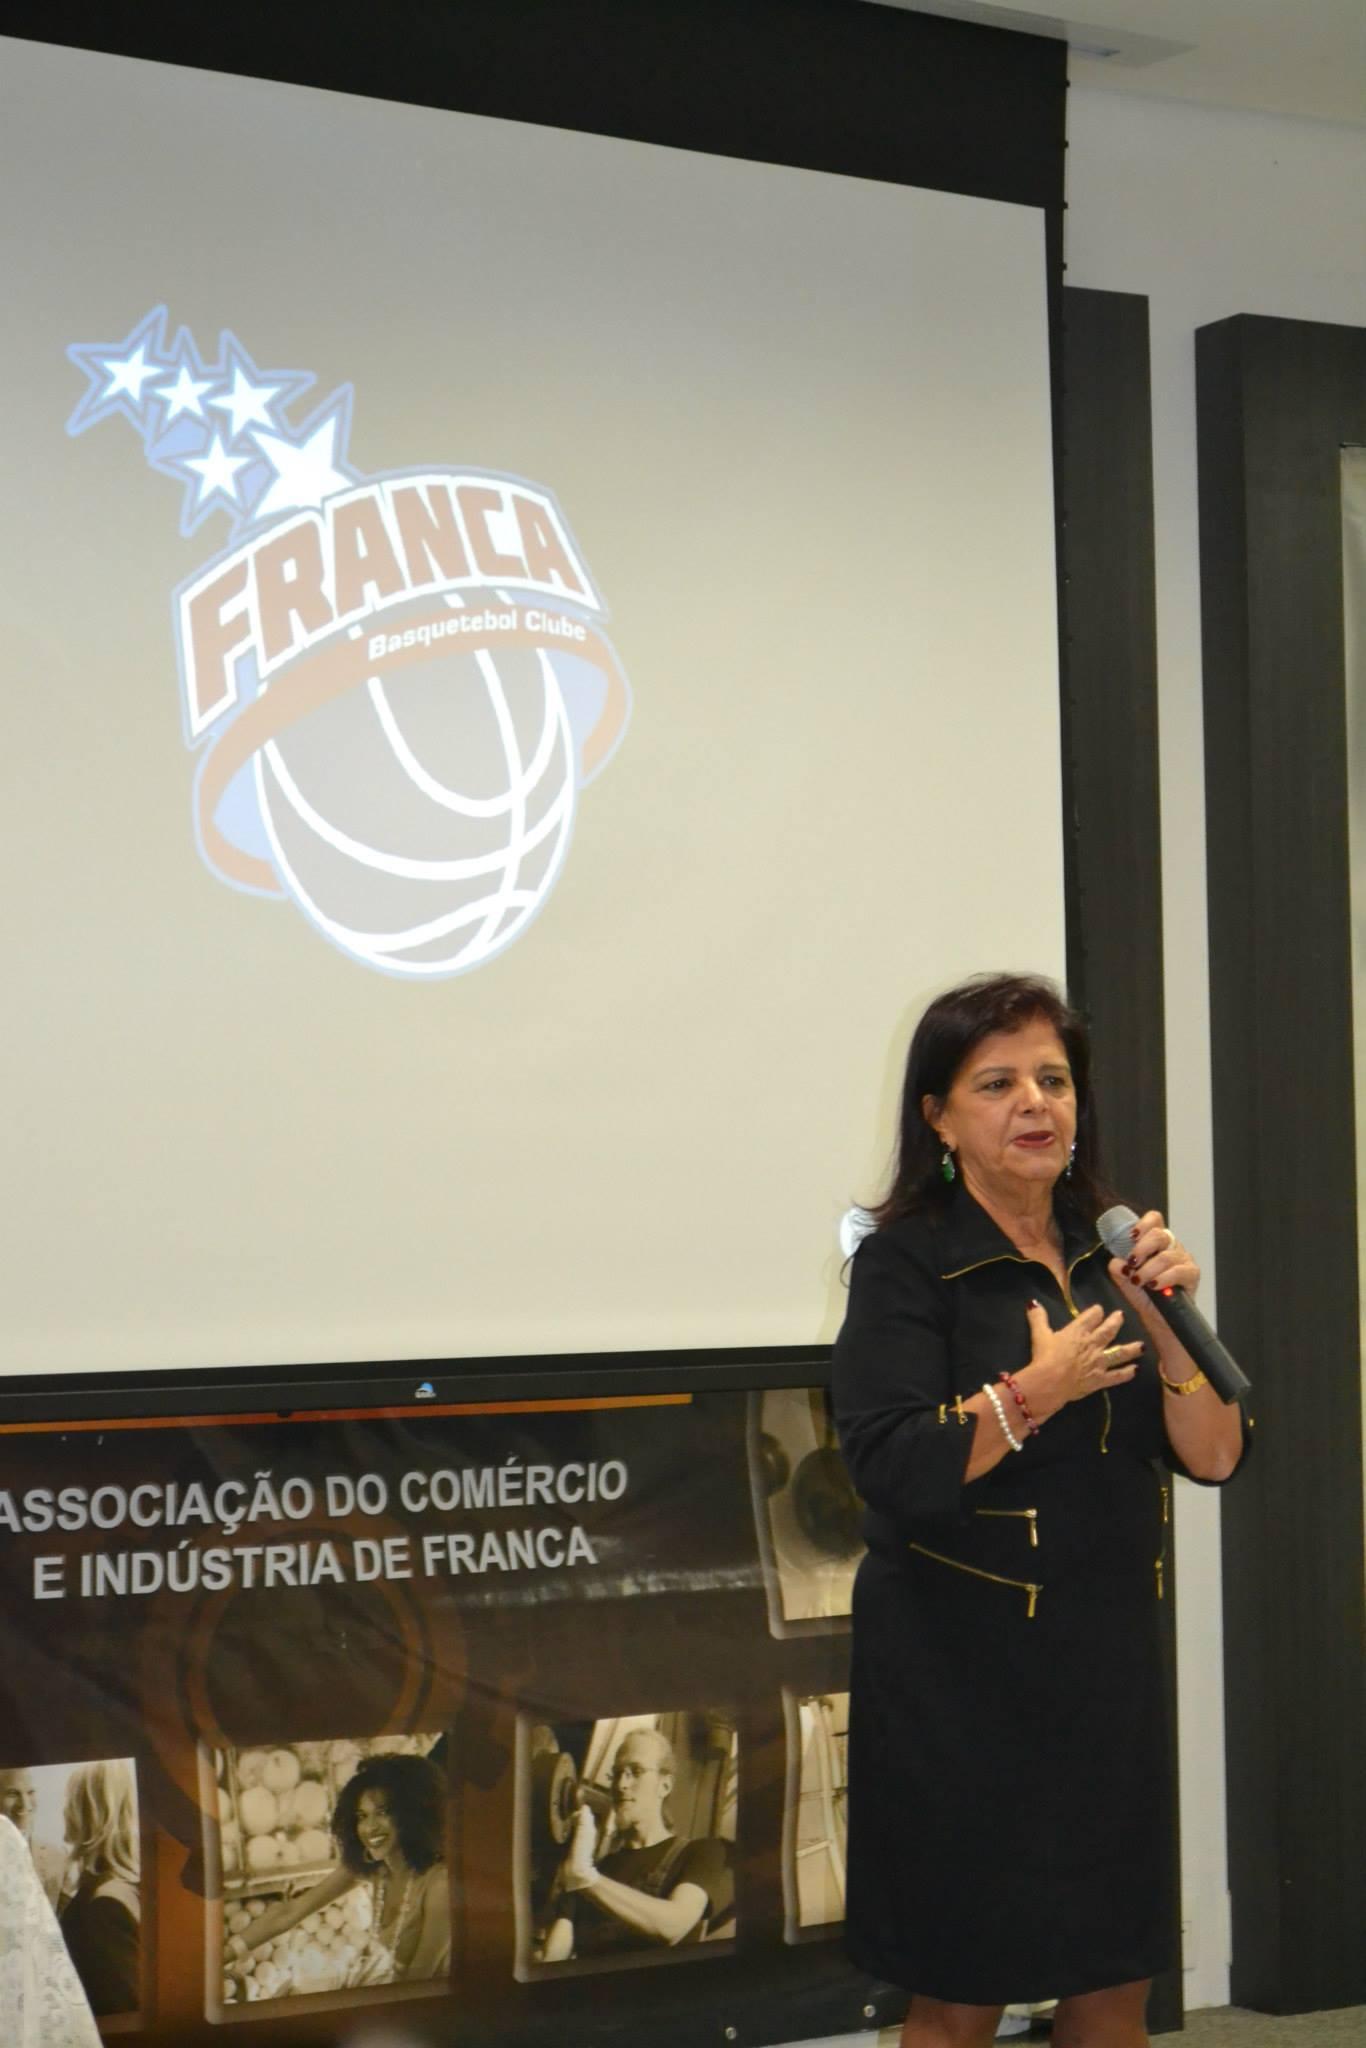 Magazine Luiza é um dos principais responsáveis pela novo projeto do Franca Basquete (Júlia Abrão/Franca Basquete)